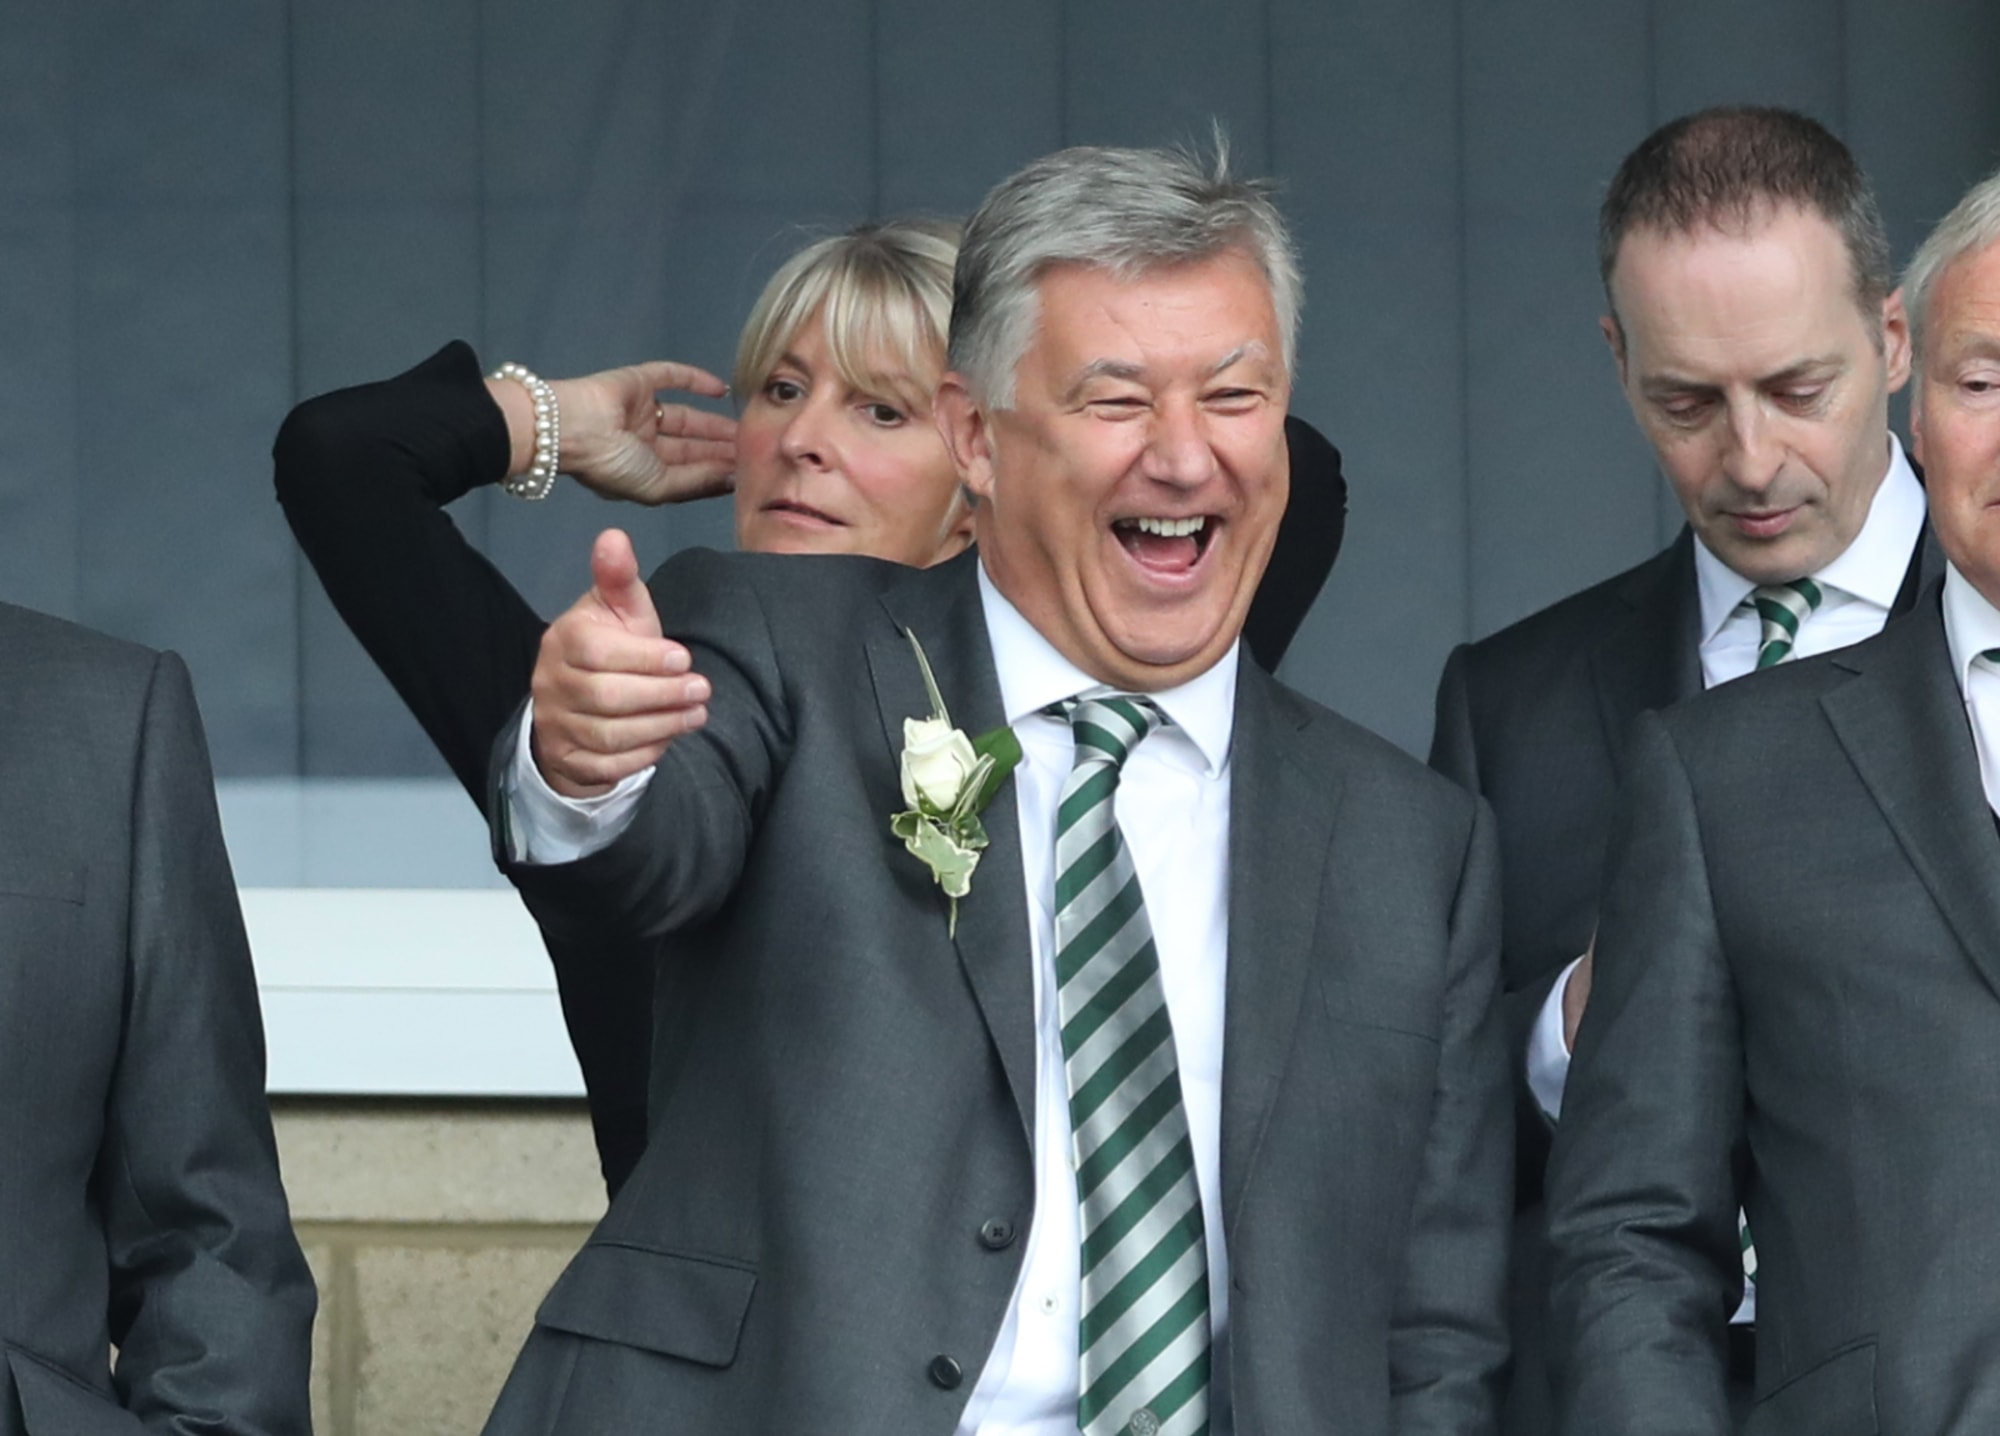 Striker arrives in Glasgow to complete Celtic transfer